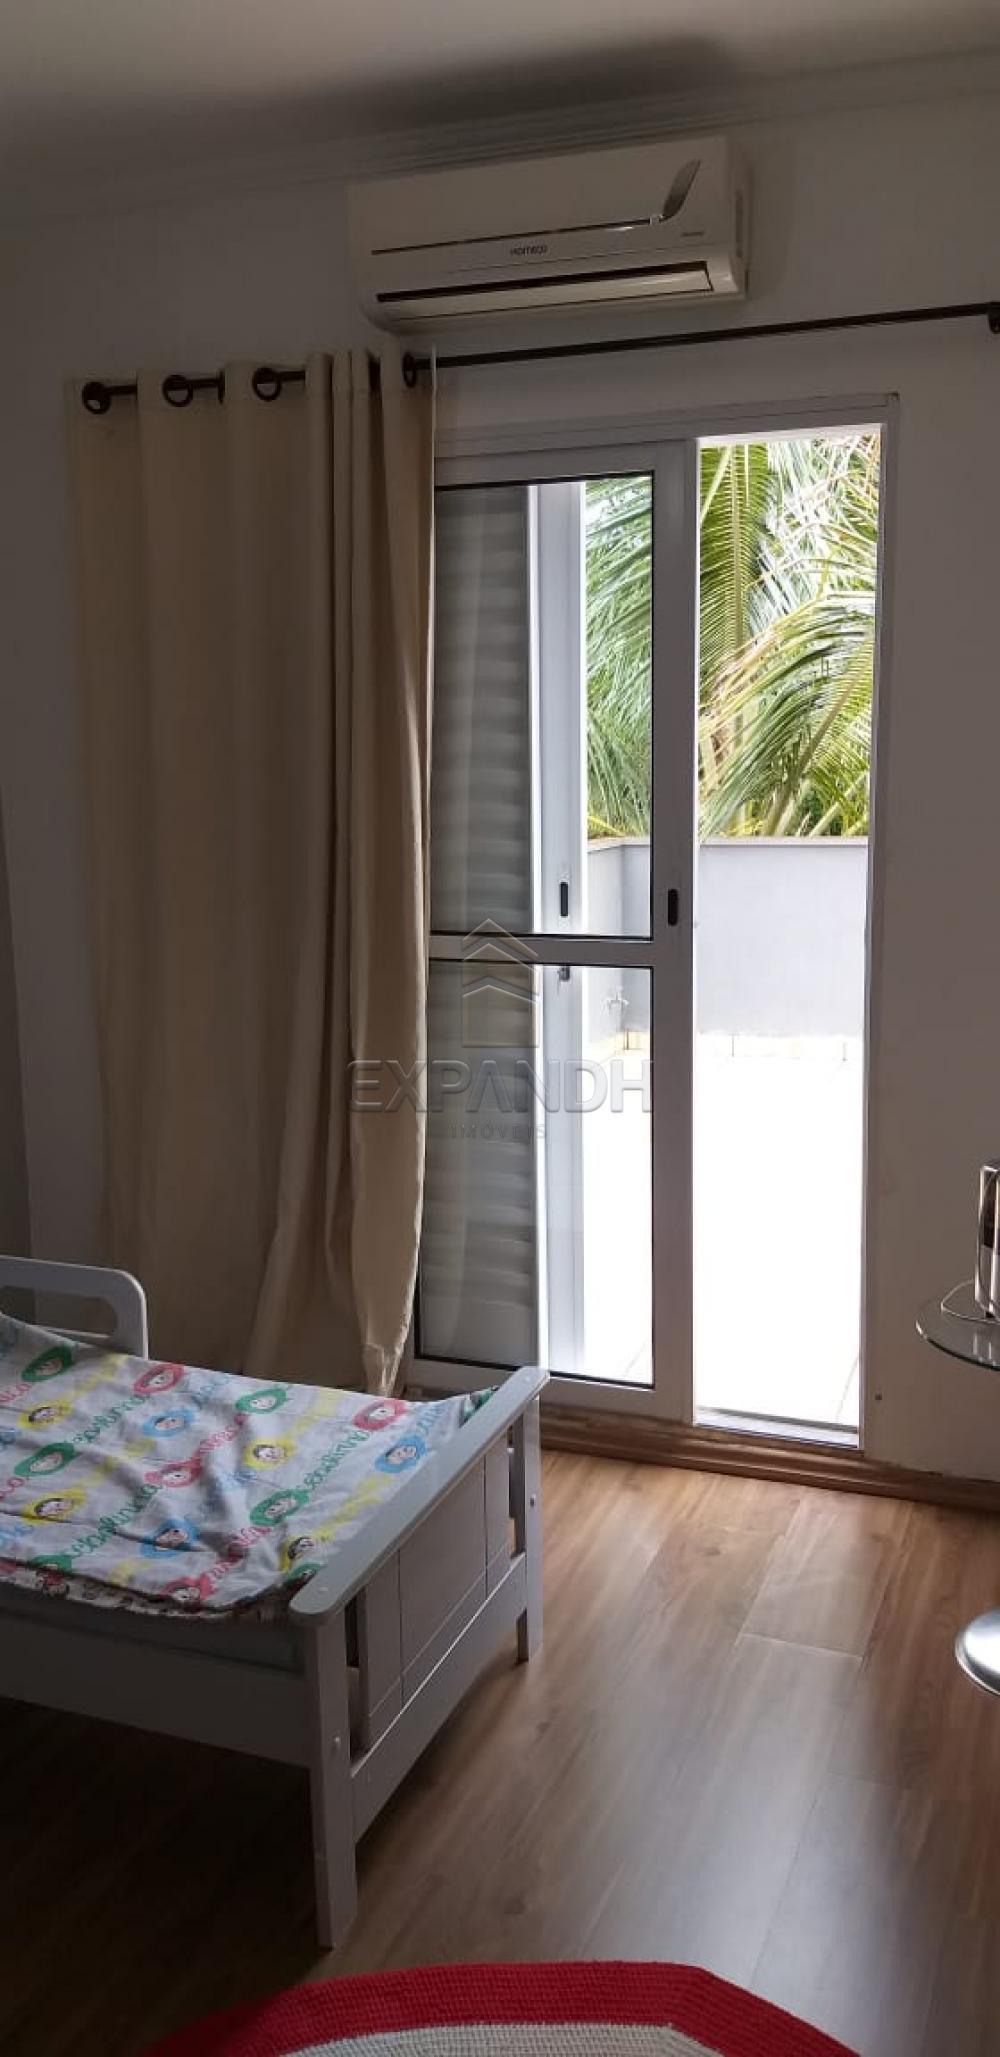 Comprar Casas / Padrão em Sertãozinho R$ 380.000,00 - Foto 17